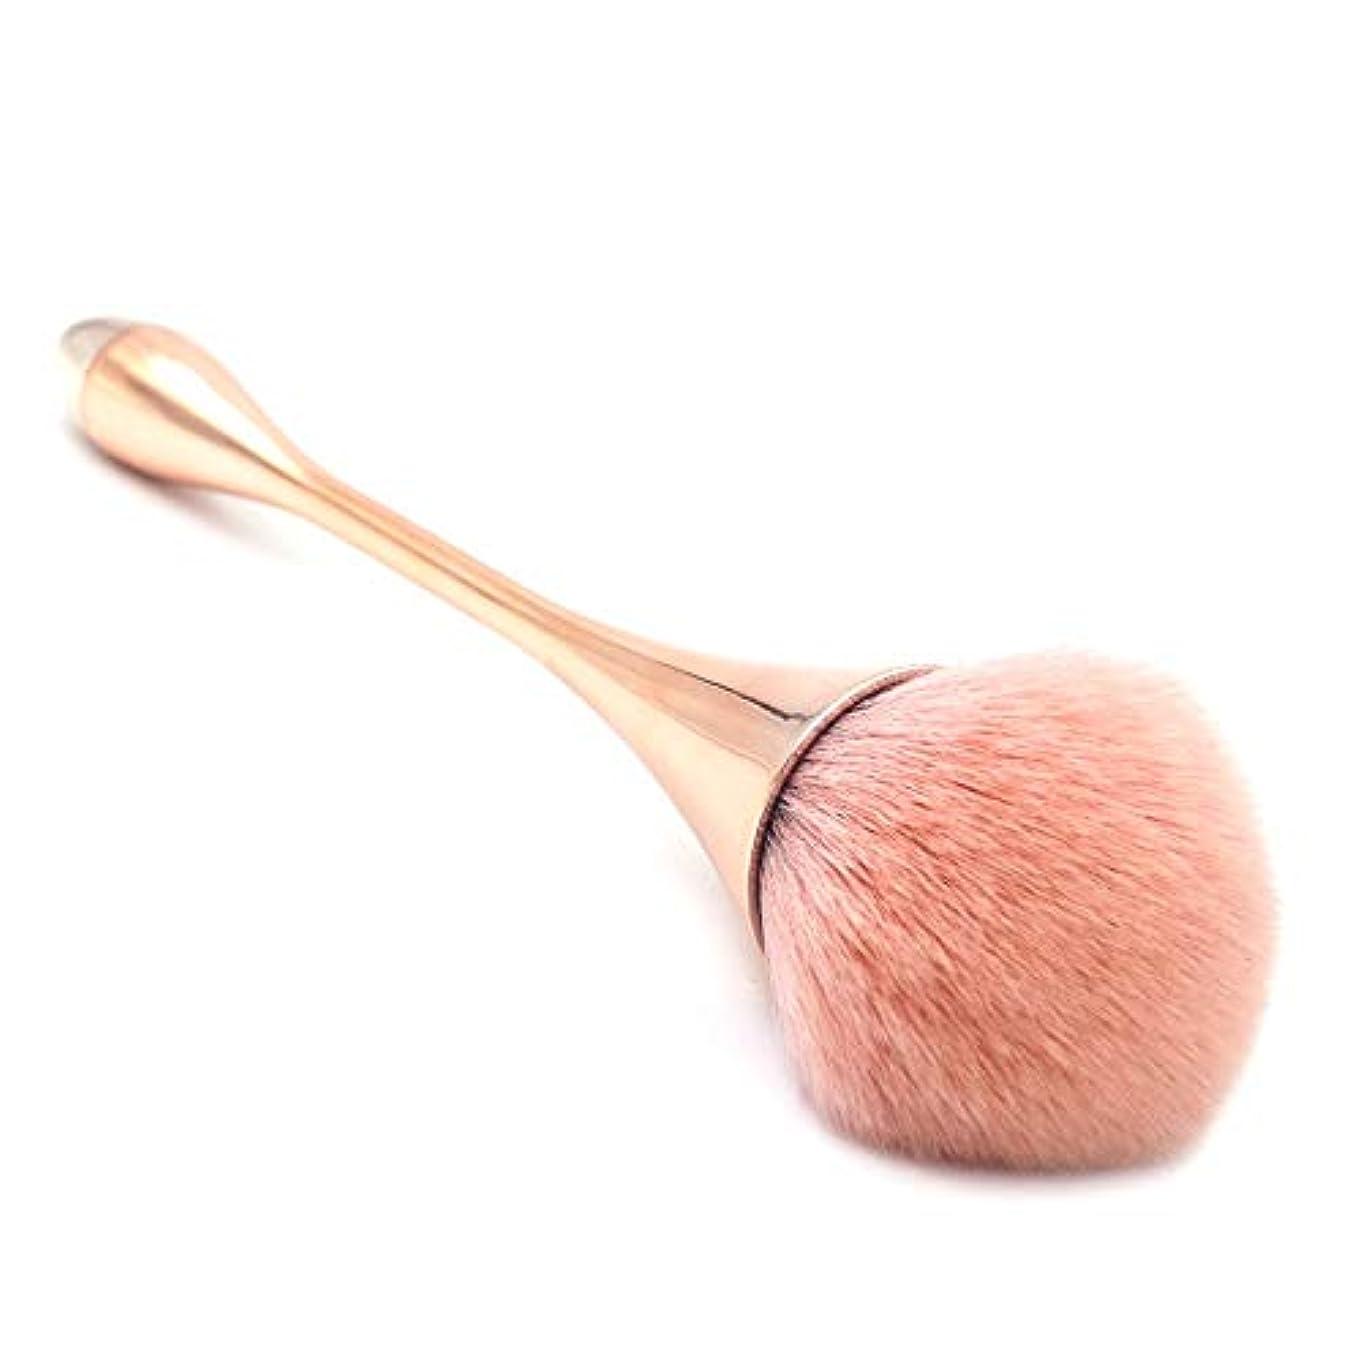 拡声器照らす口実Makeup brushes 宣言的な適用範囲のための化粧筆ミネラルパウダーファンデーションブレンディングビュッフェ、シングルスレンダーウエストビッグパウダーブラシ suits (Color : Rose gold)